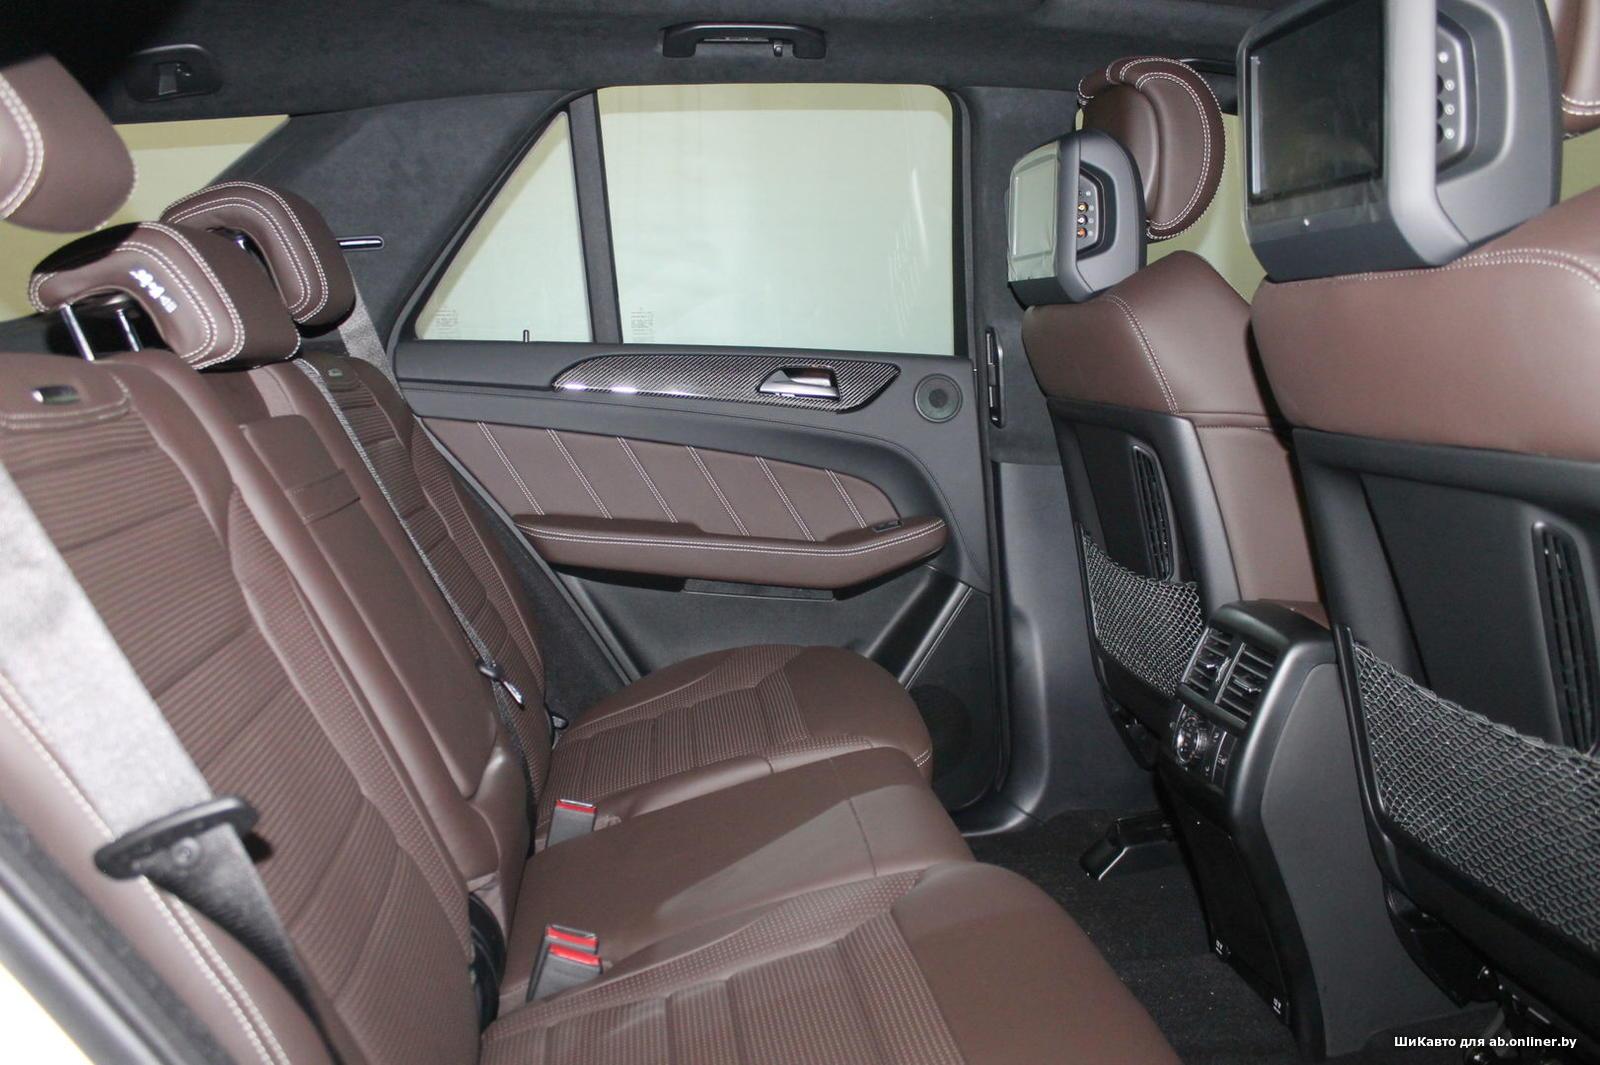 Mercedes GLE450 AMG 63 AMG